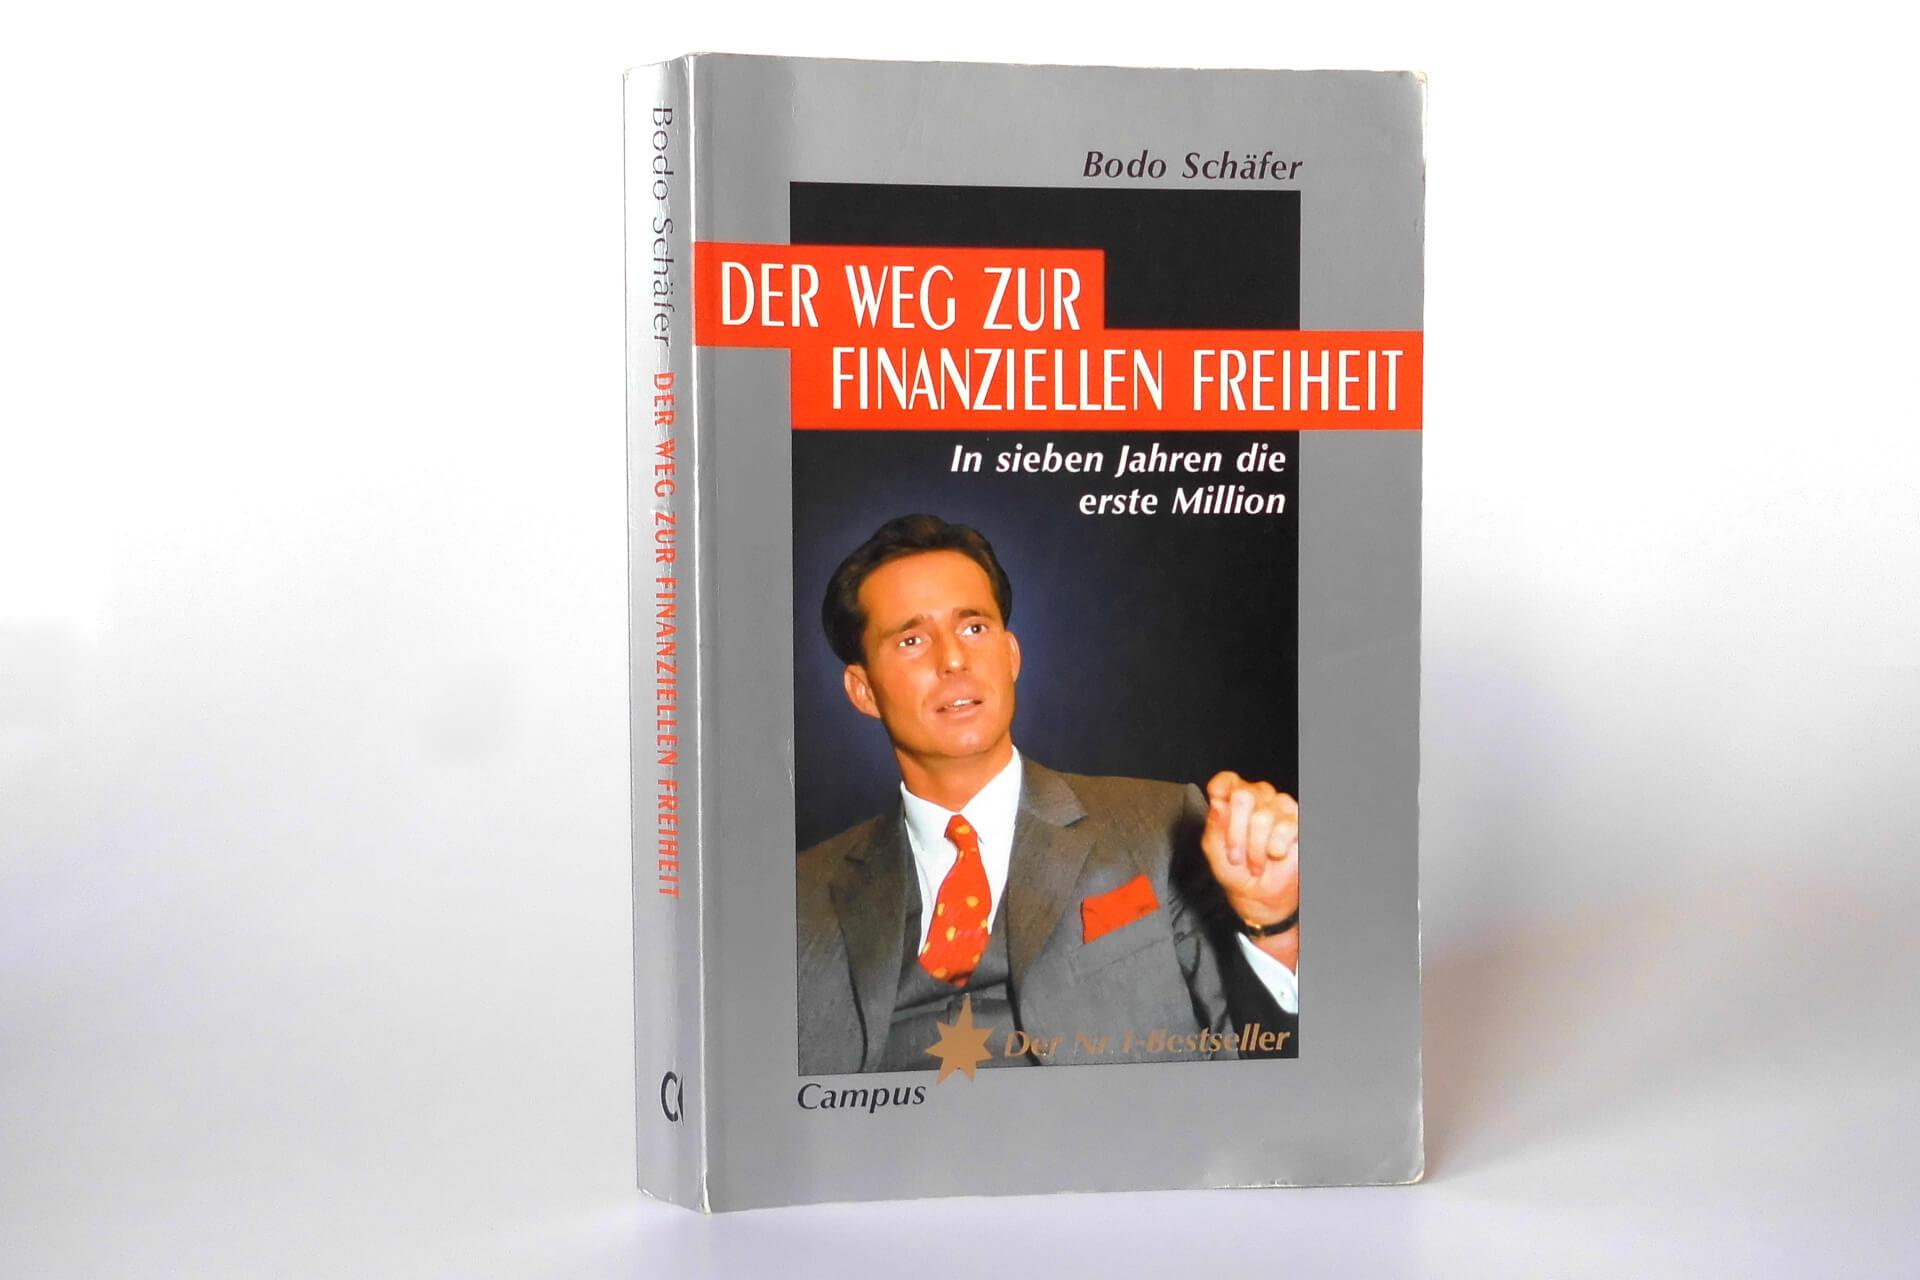 Bodo Schäfer - Die erste Million in 7 Jahren